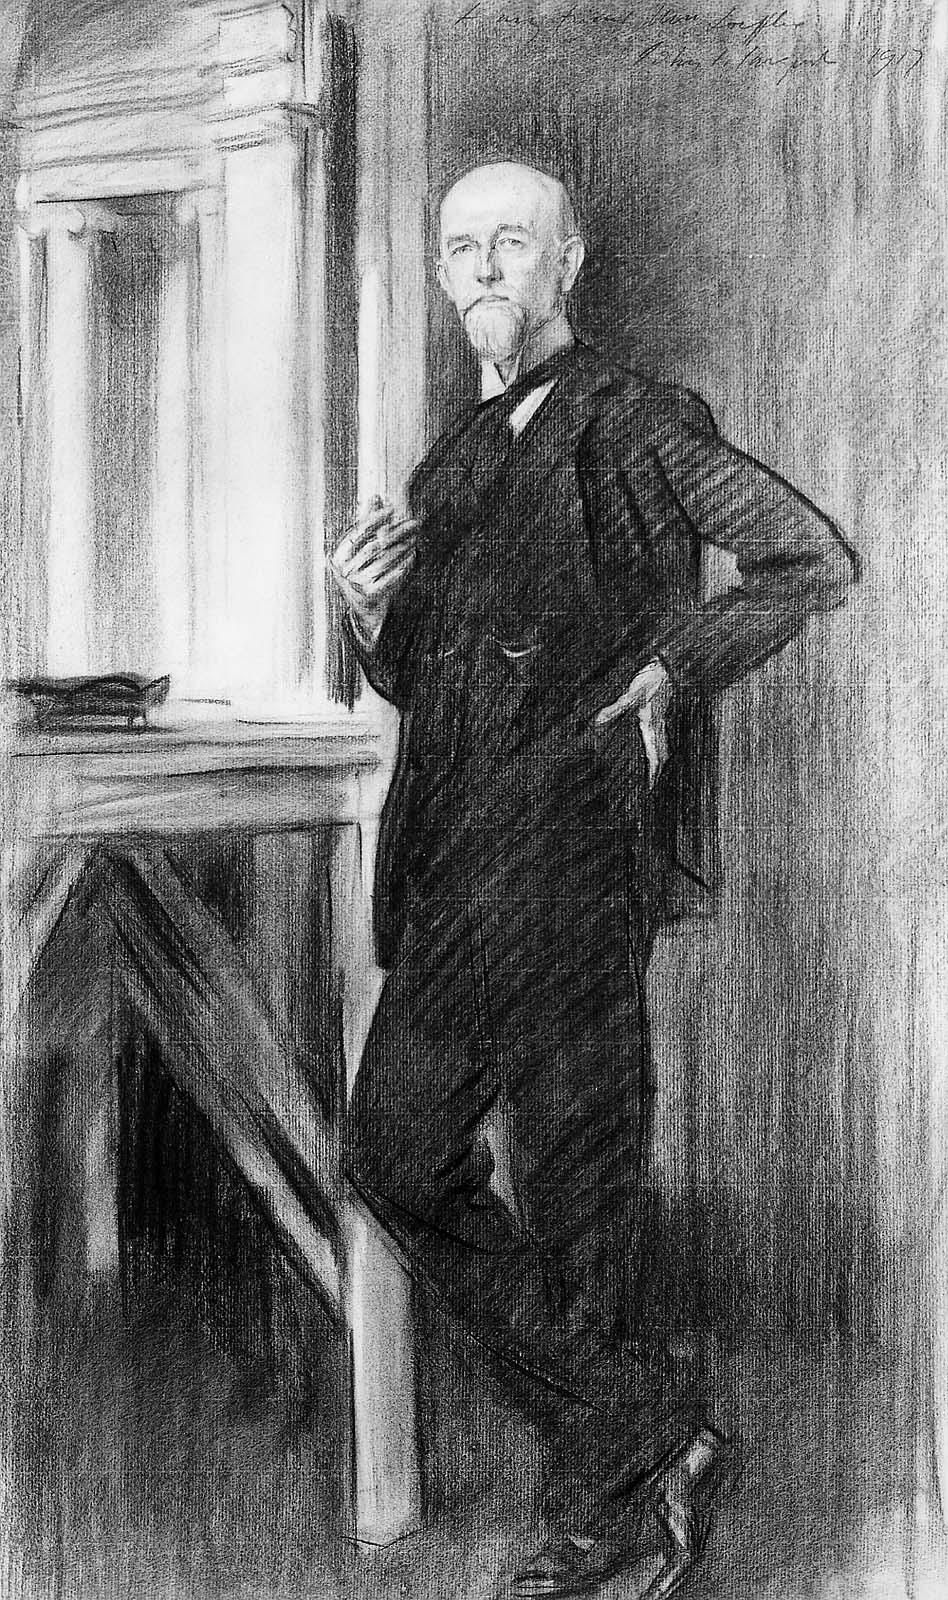 John Singer Sargent. Portrait Of Charles Martin Lefler